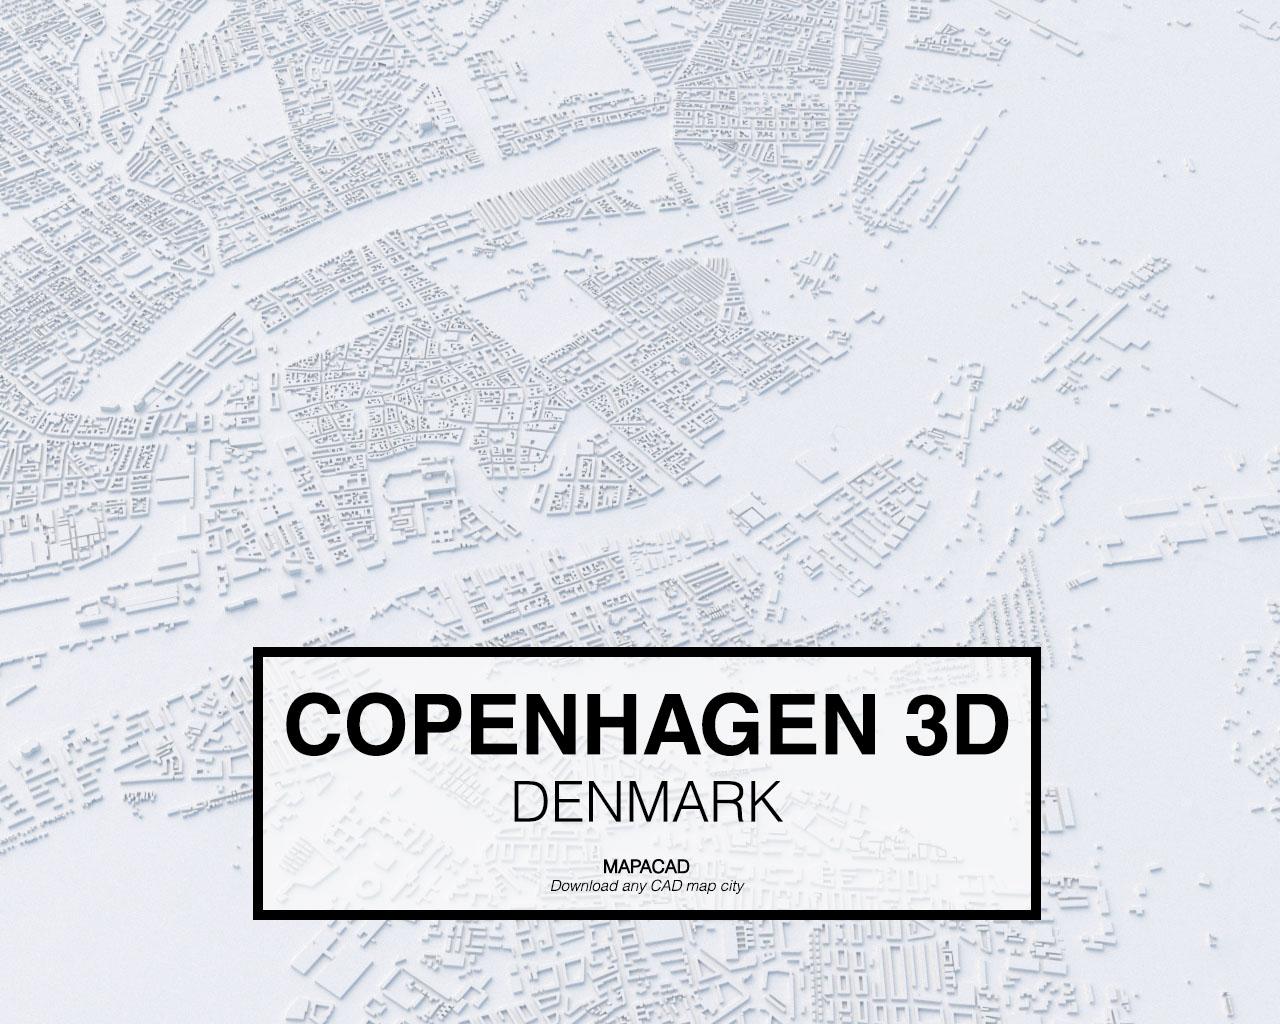 Copenhagen 3D